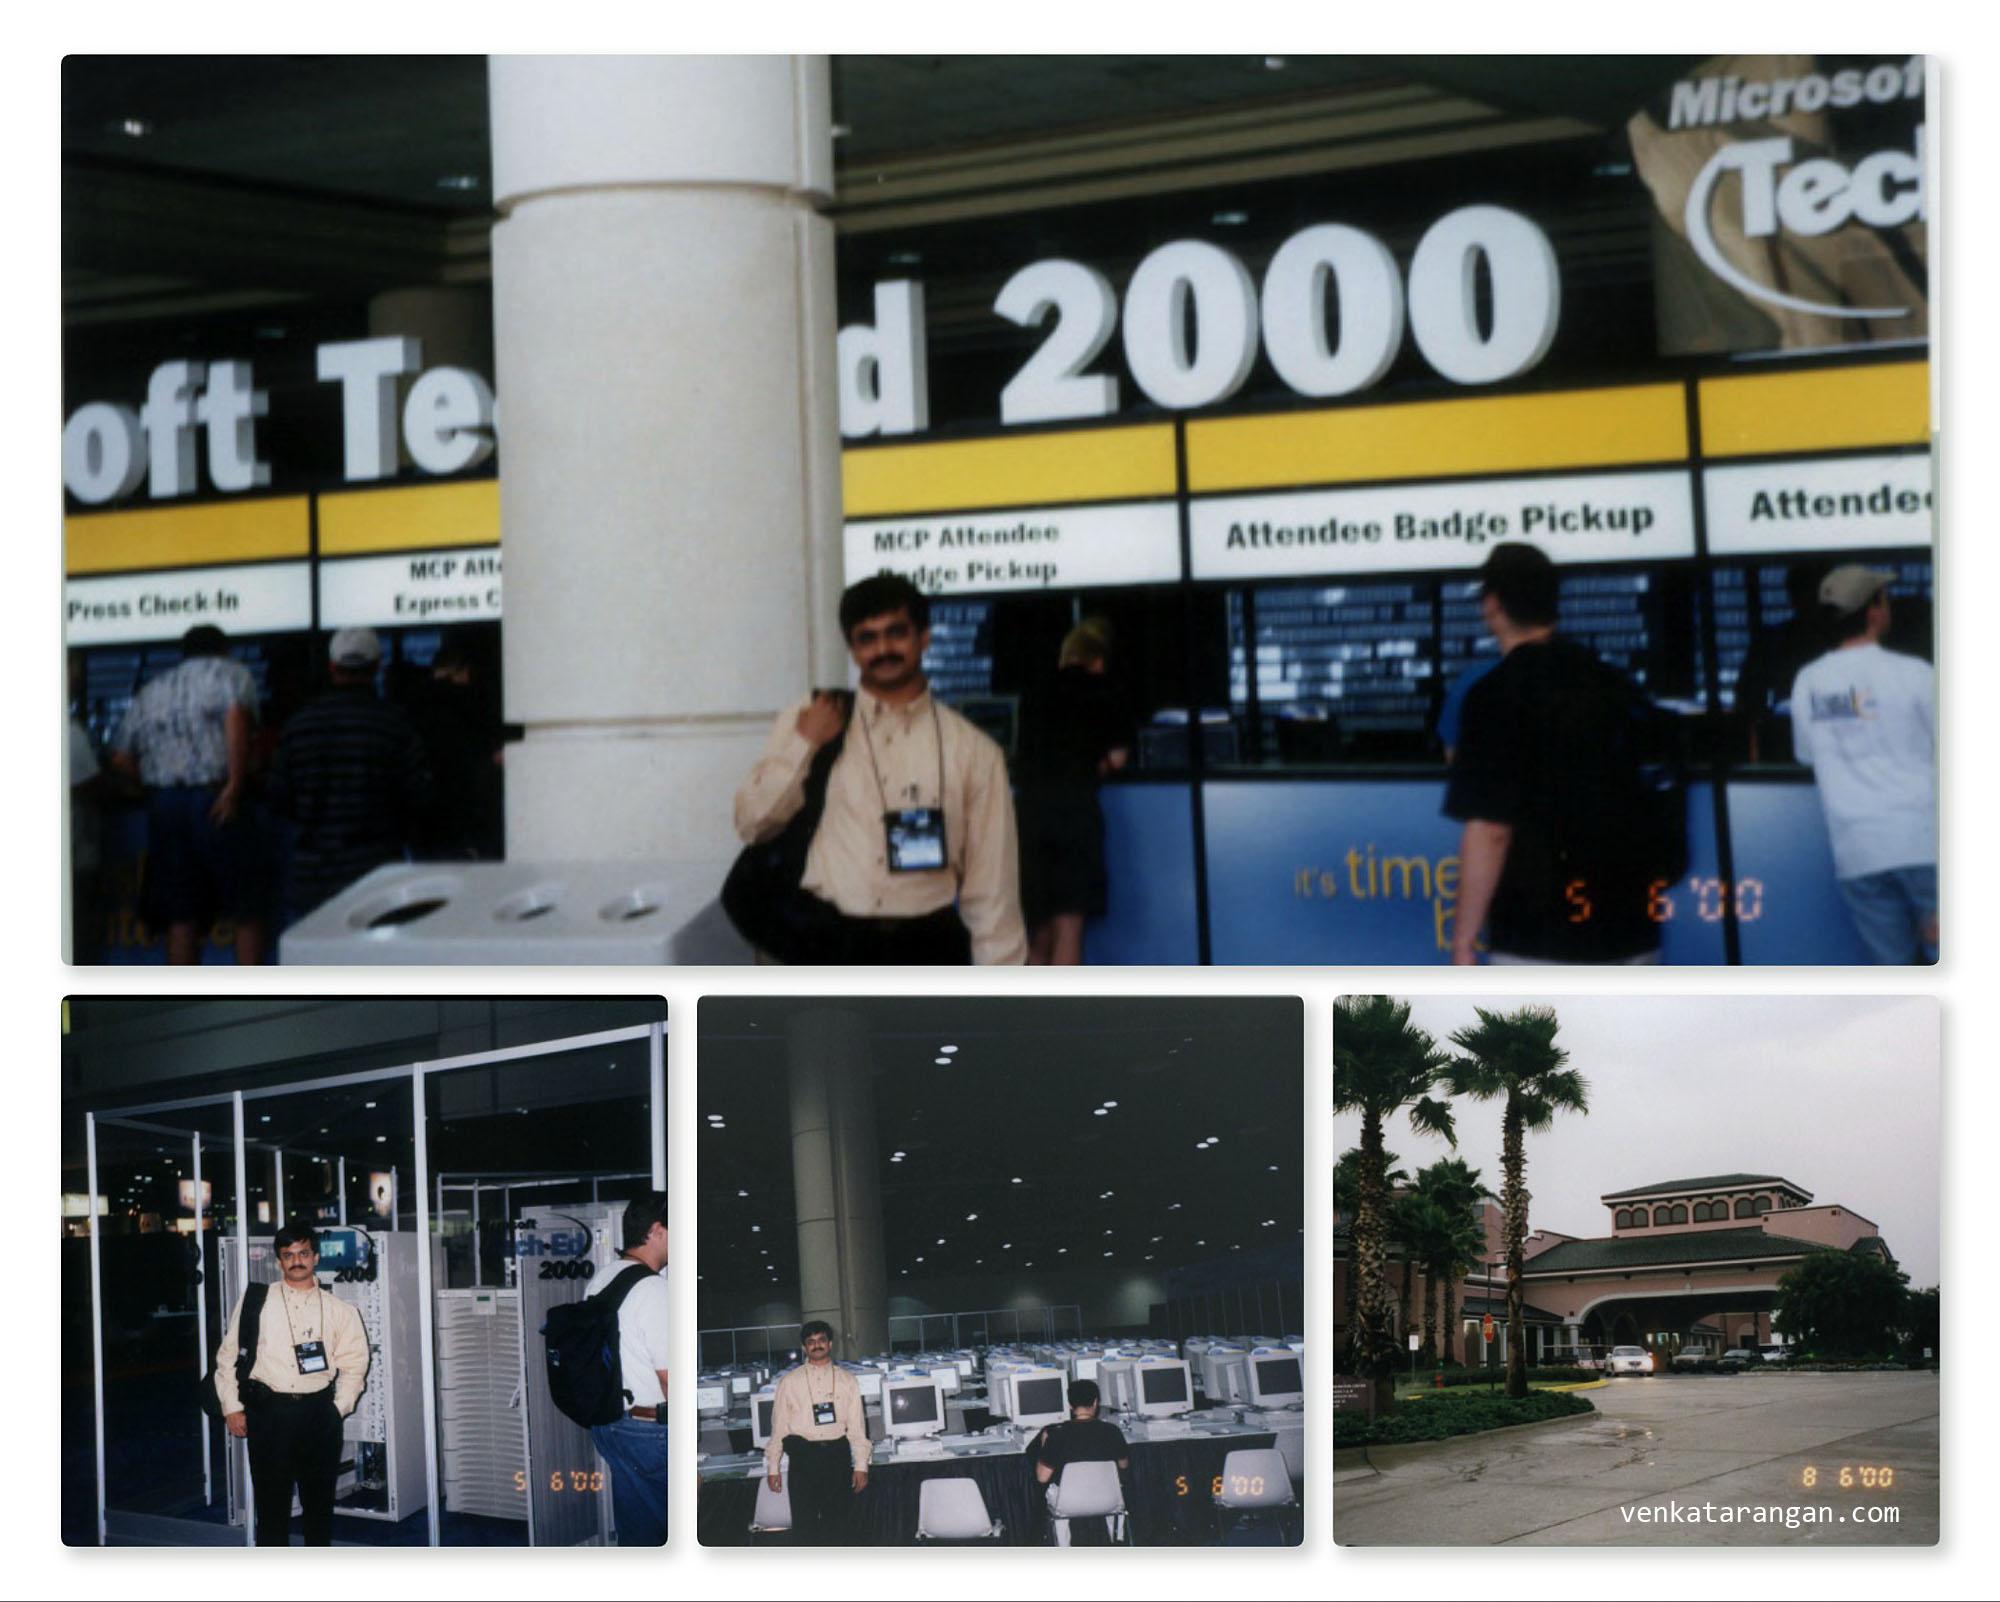 Microsoft TechEd 2000 in Orlando, FL, USA